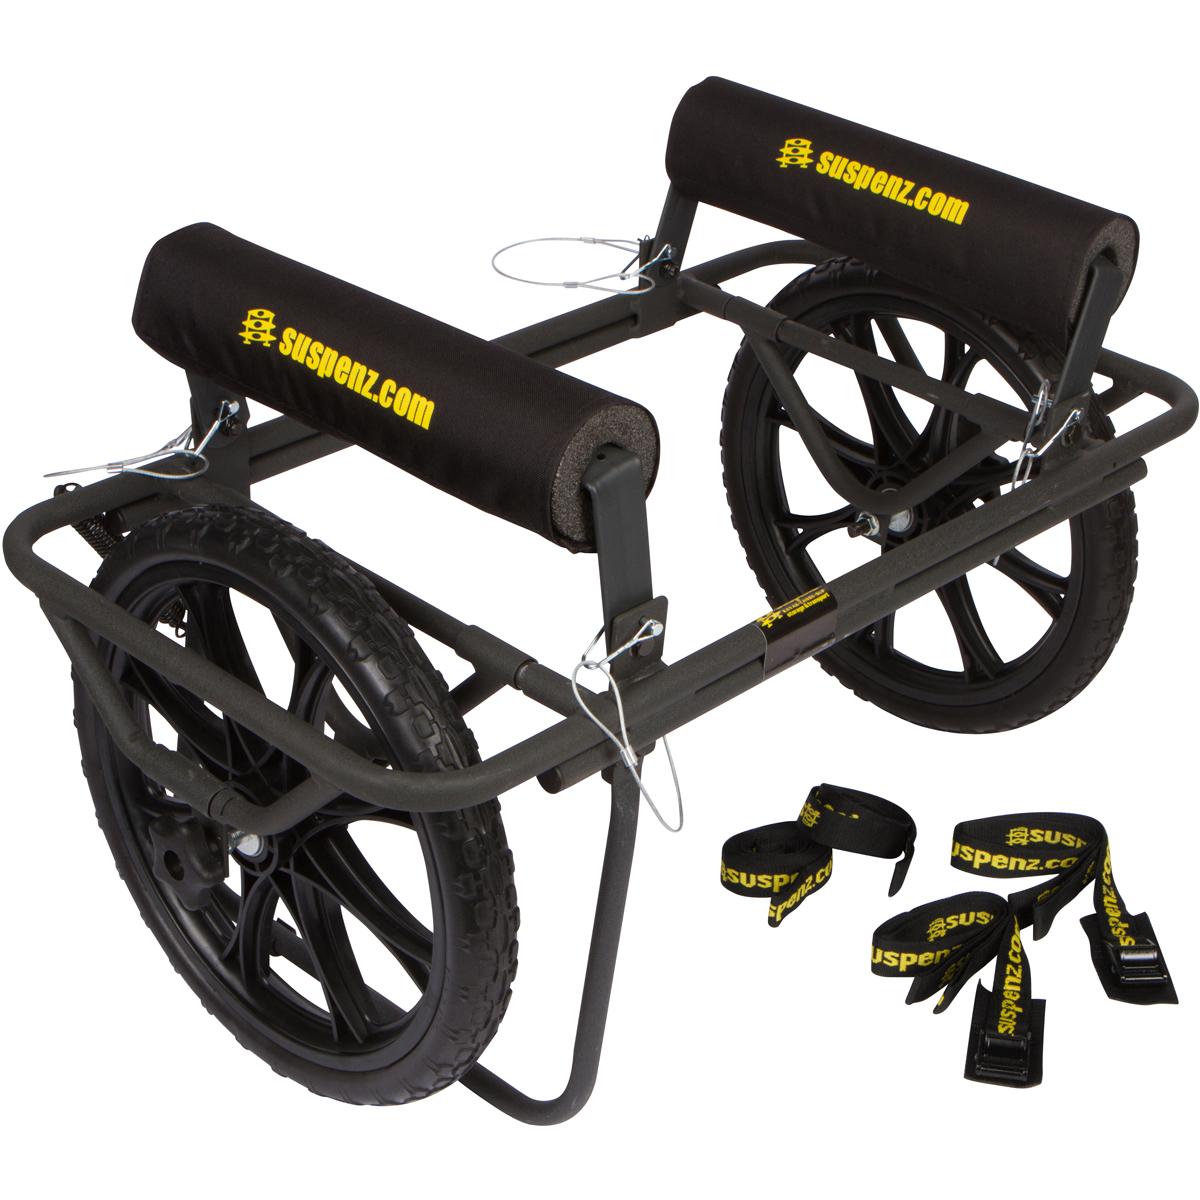 Suspenz All-Terrain Super Duty Airless Cart - P1